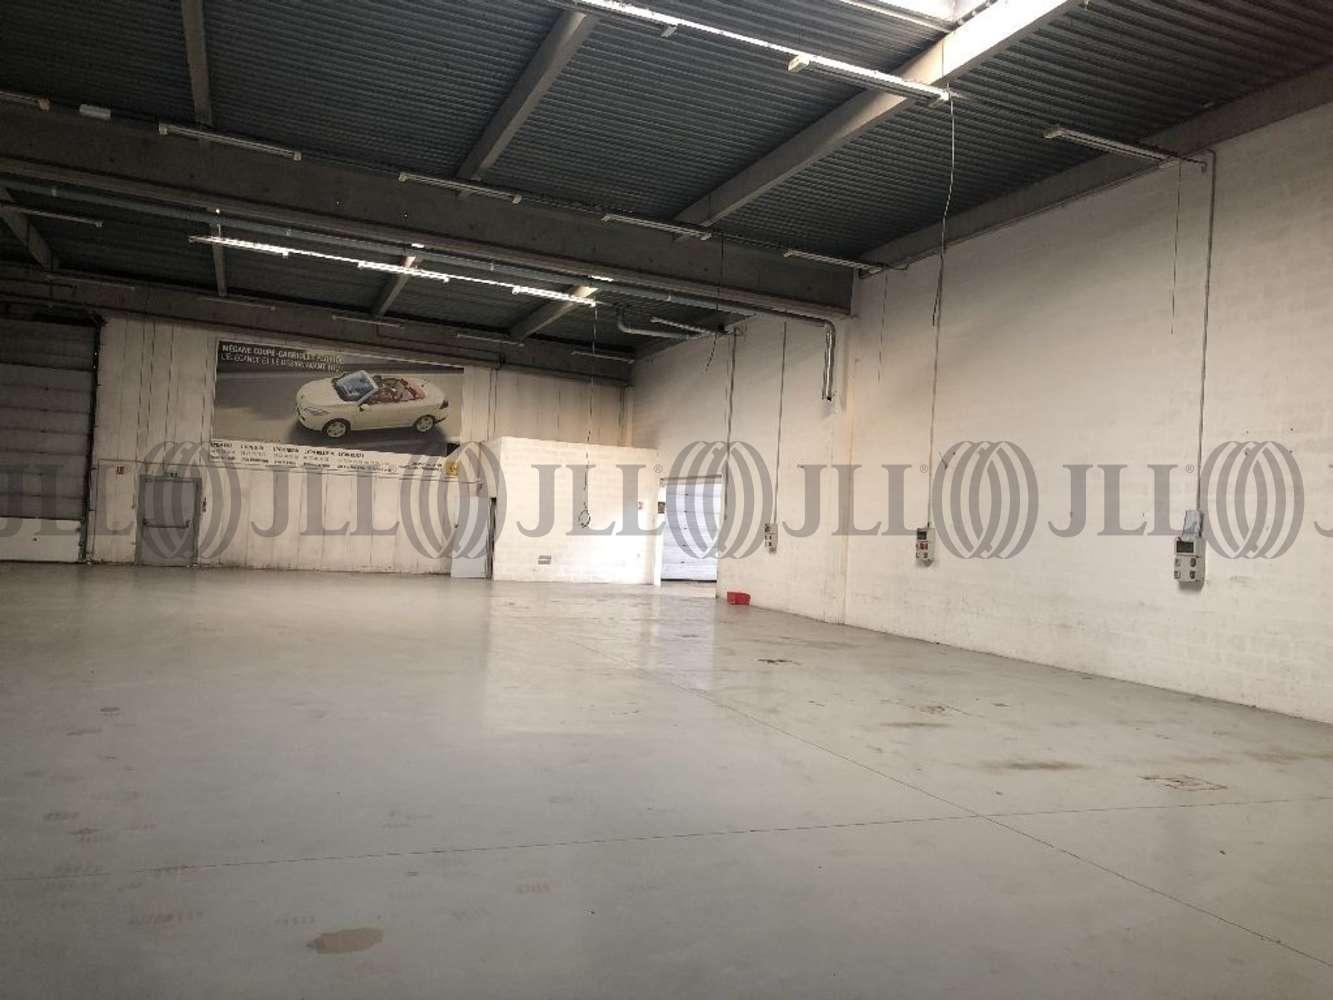 Activités/entrepôt Venissieux, 69200 - GREEN CAMPUS - LOCAUX A LOUER LYON (69) - 10902415